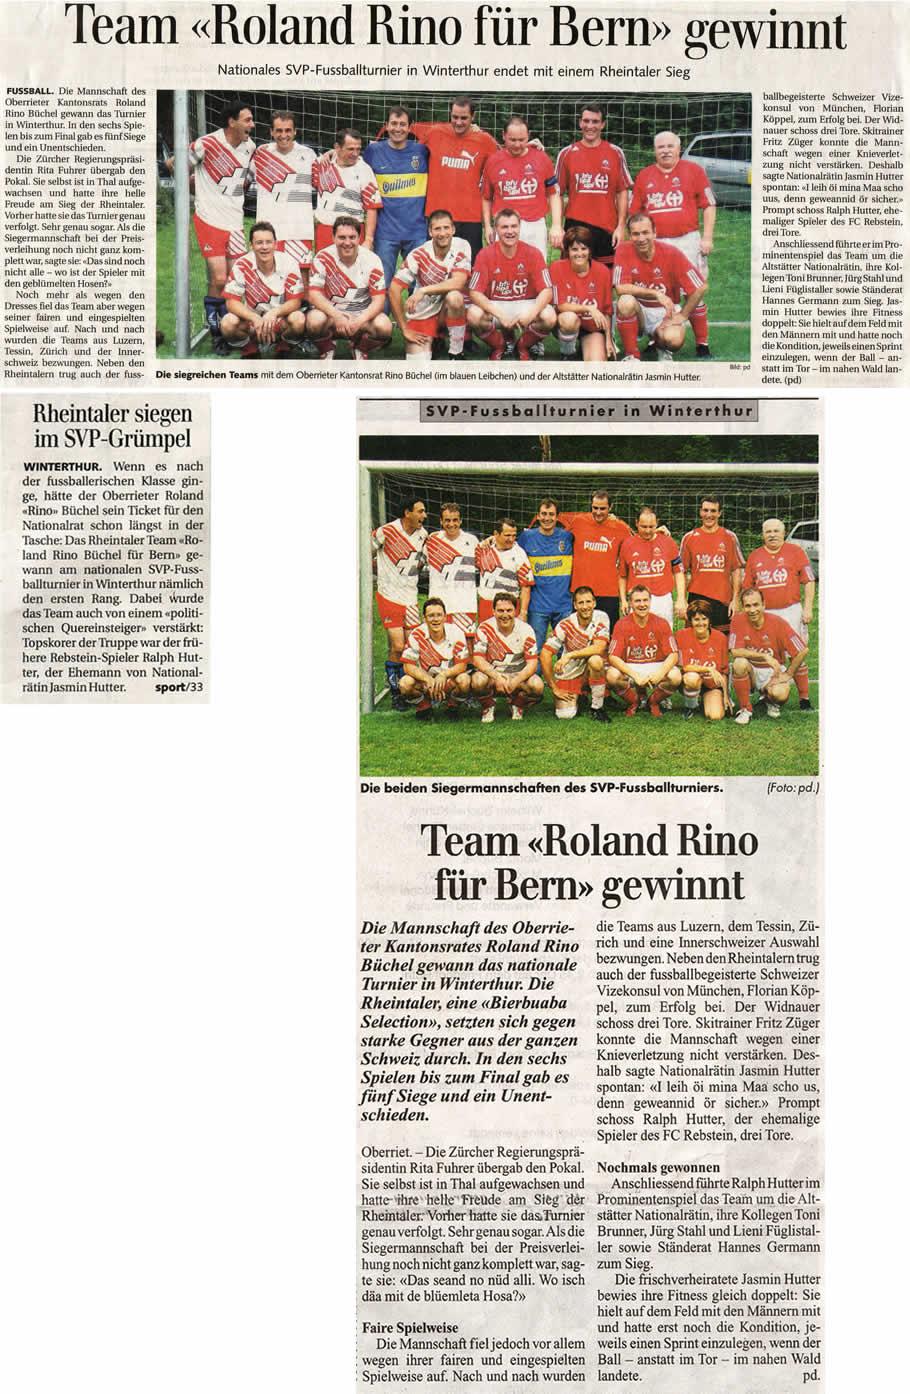 Team Roland Rino für Bern gewinnt